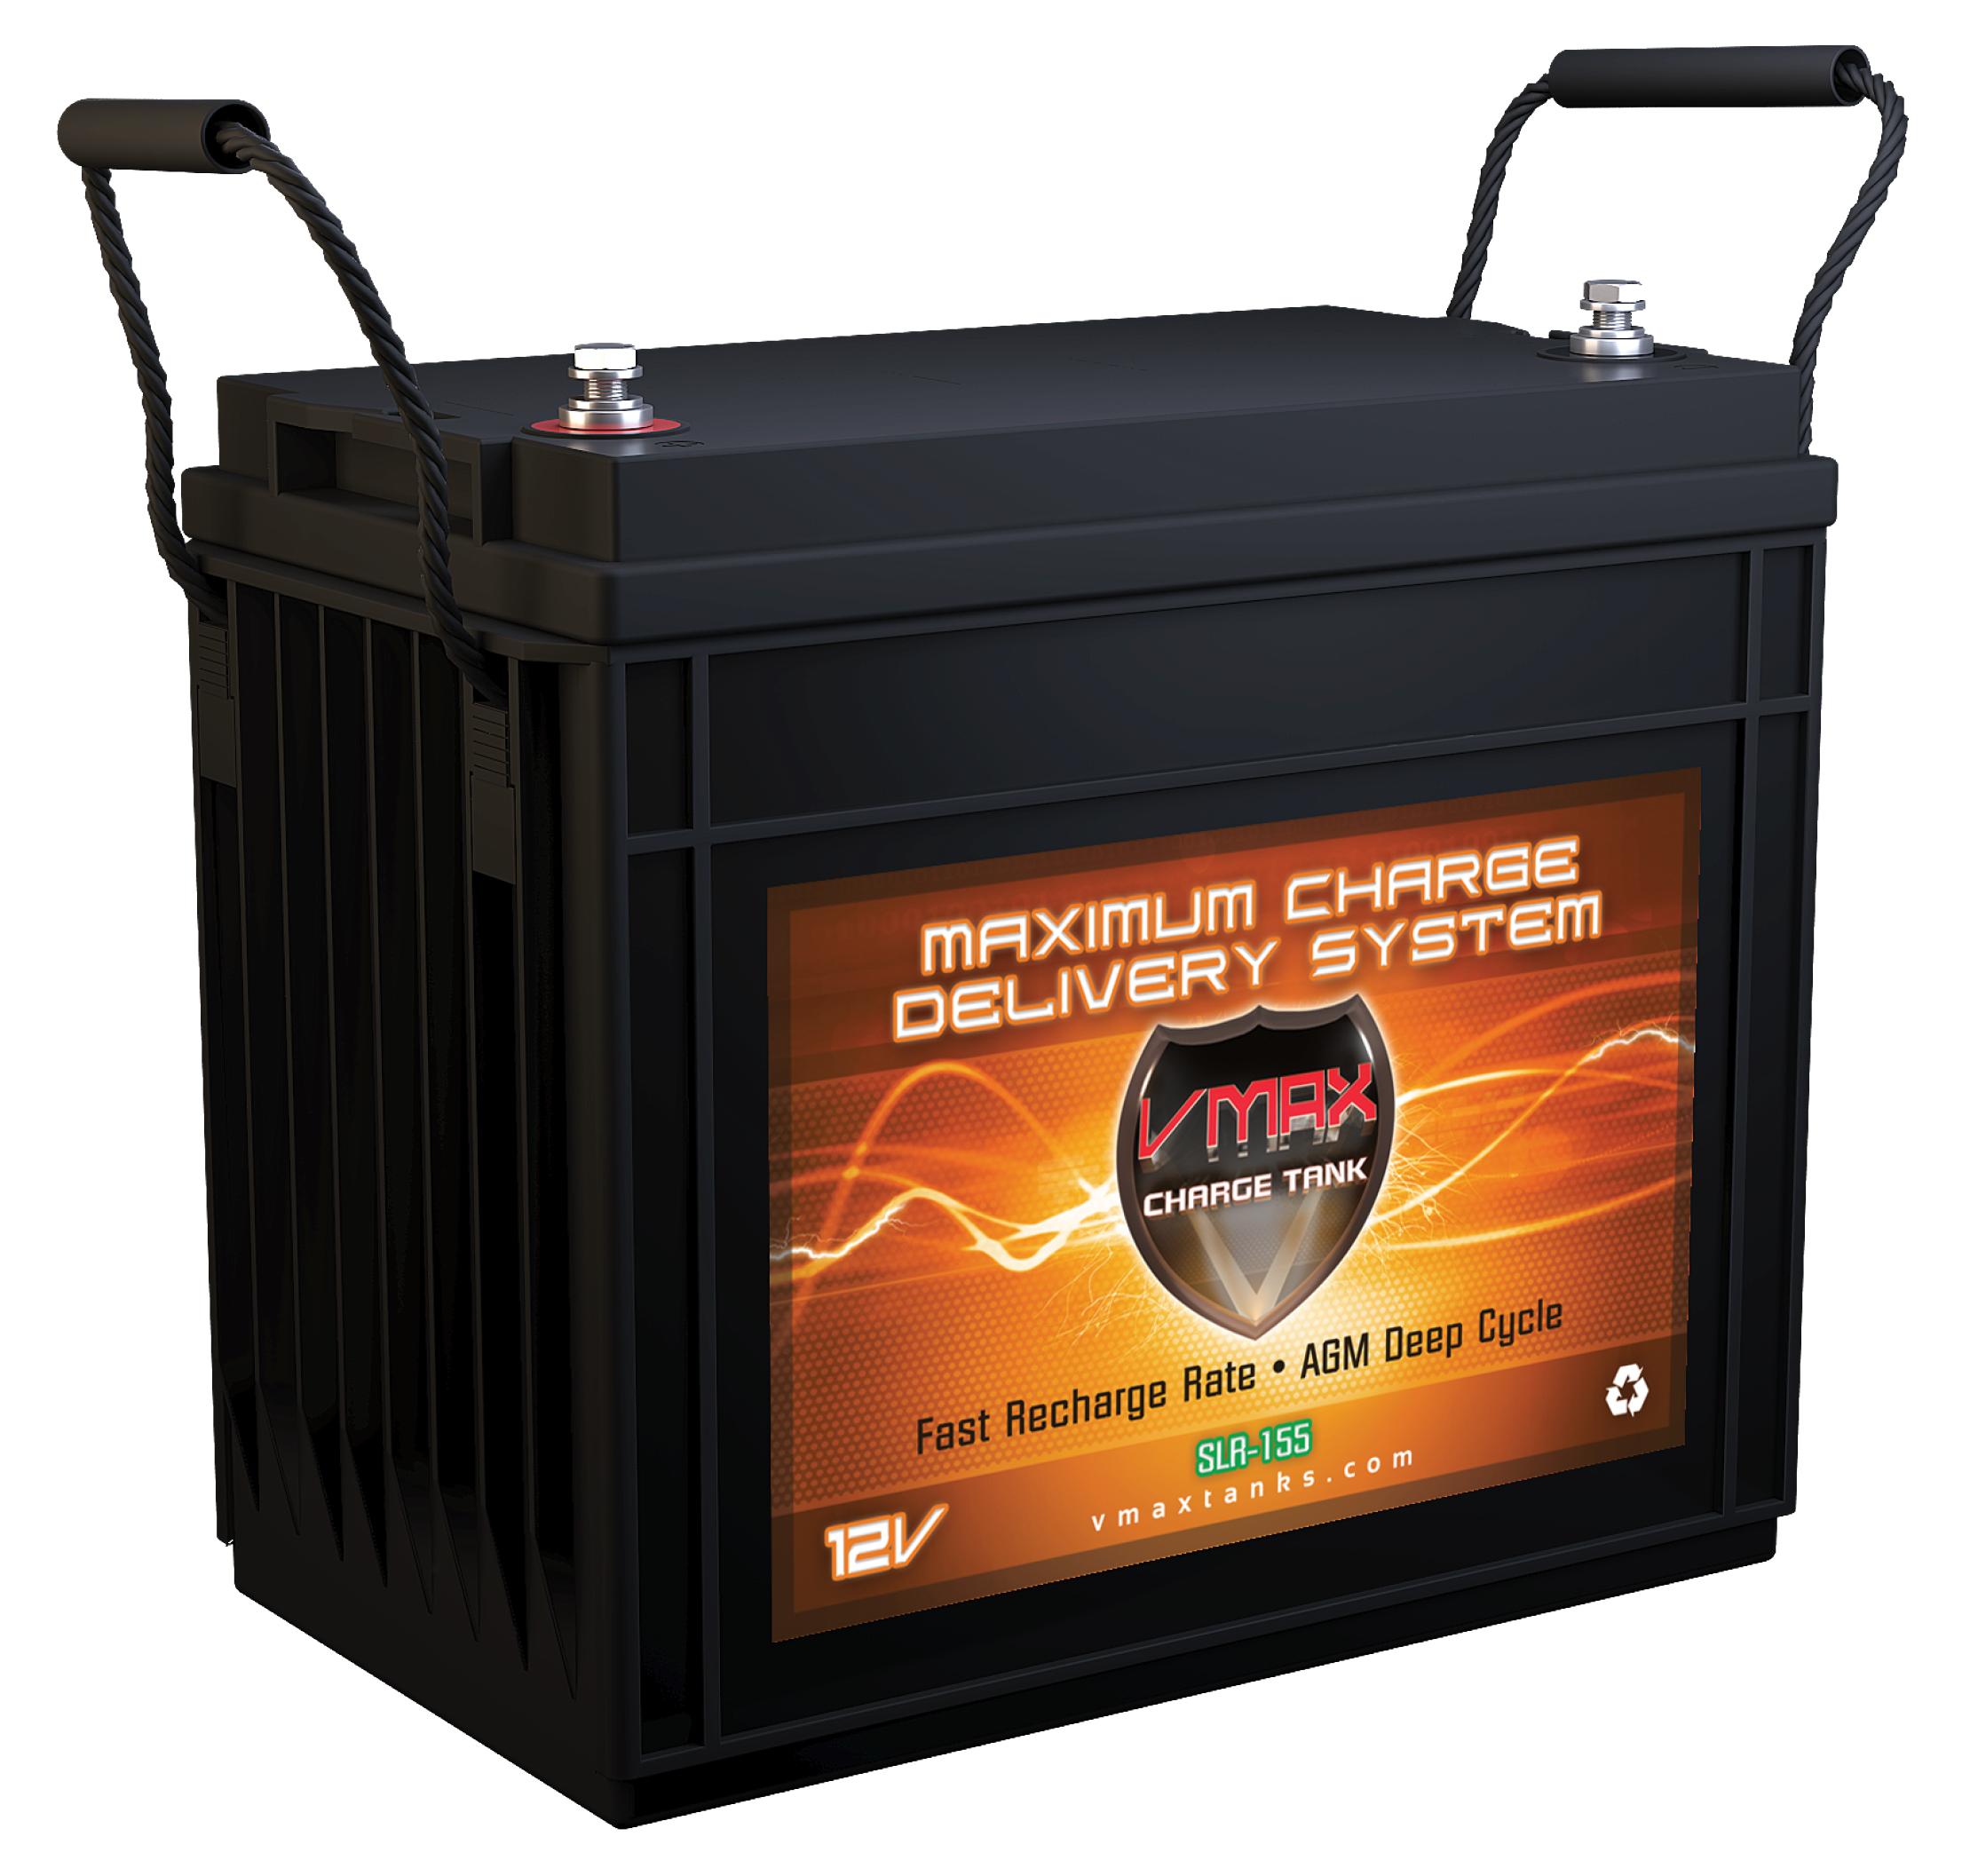 Vmax Slr155 12 Volt 155ah Agm Deep Cycle Hi Performance